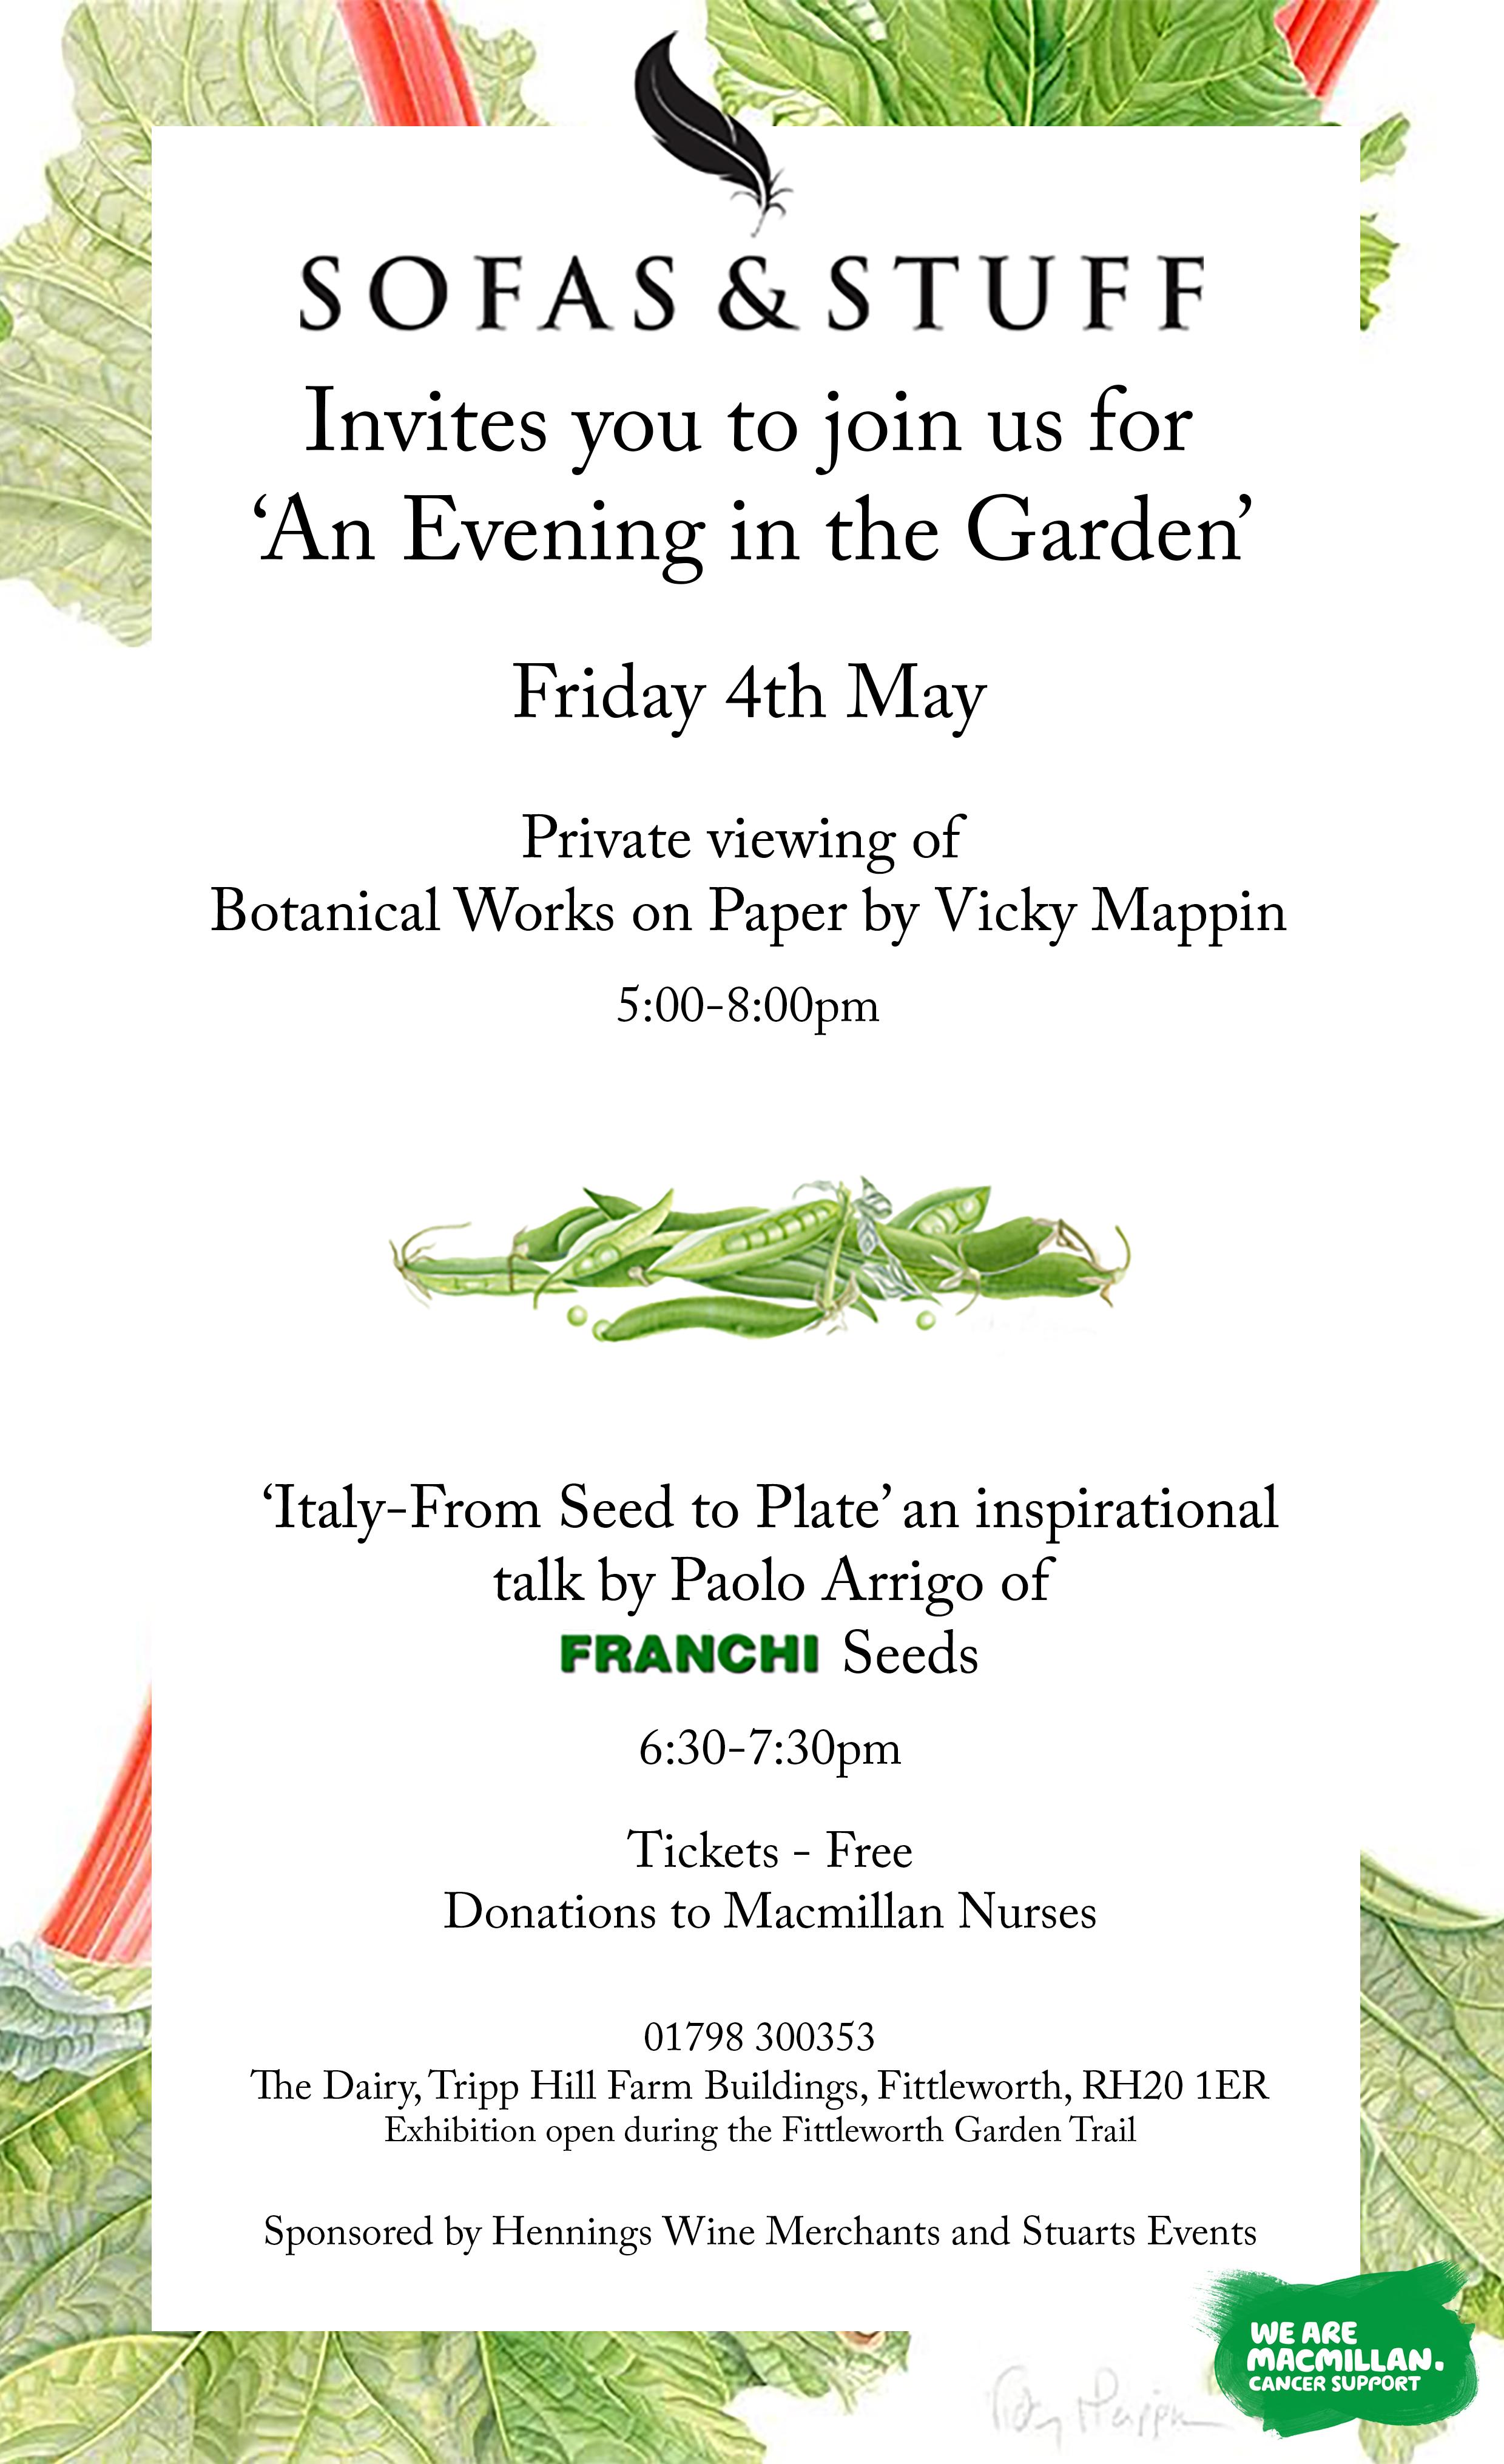 An Evening in the Garden